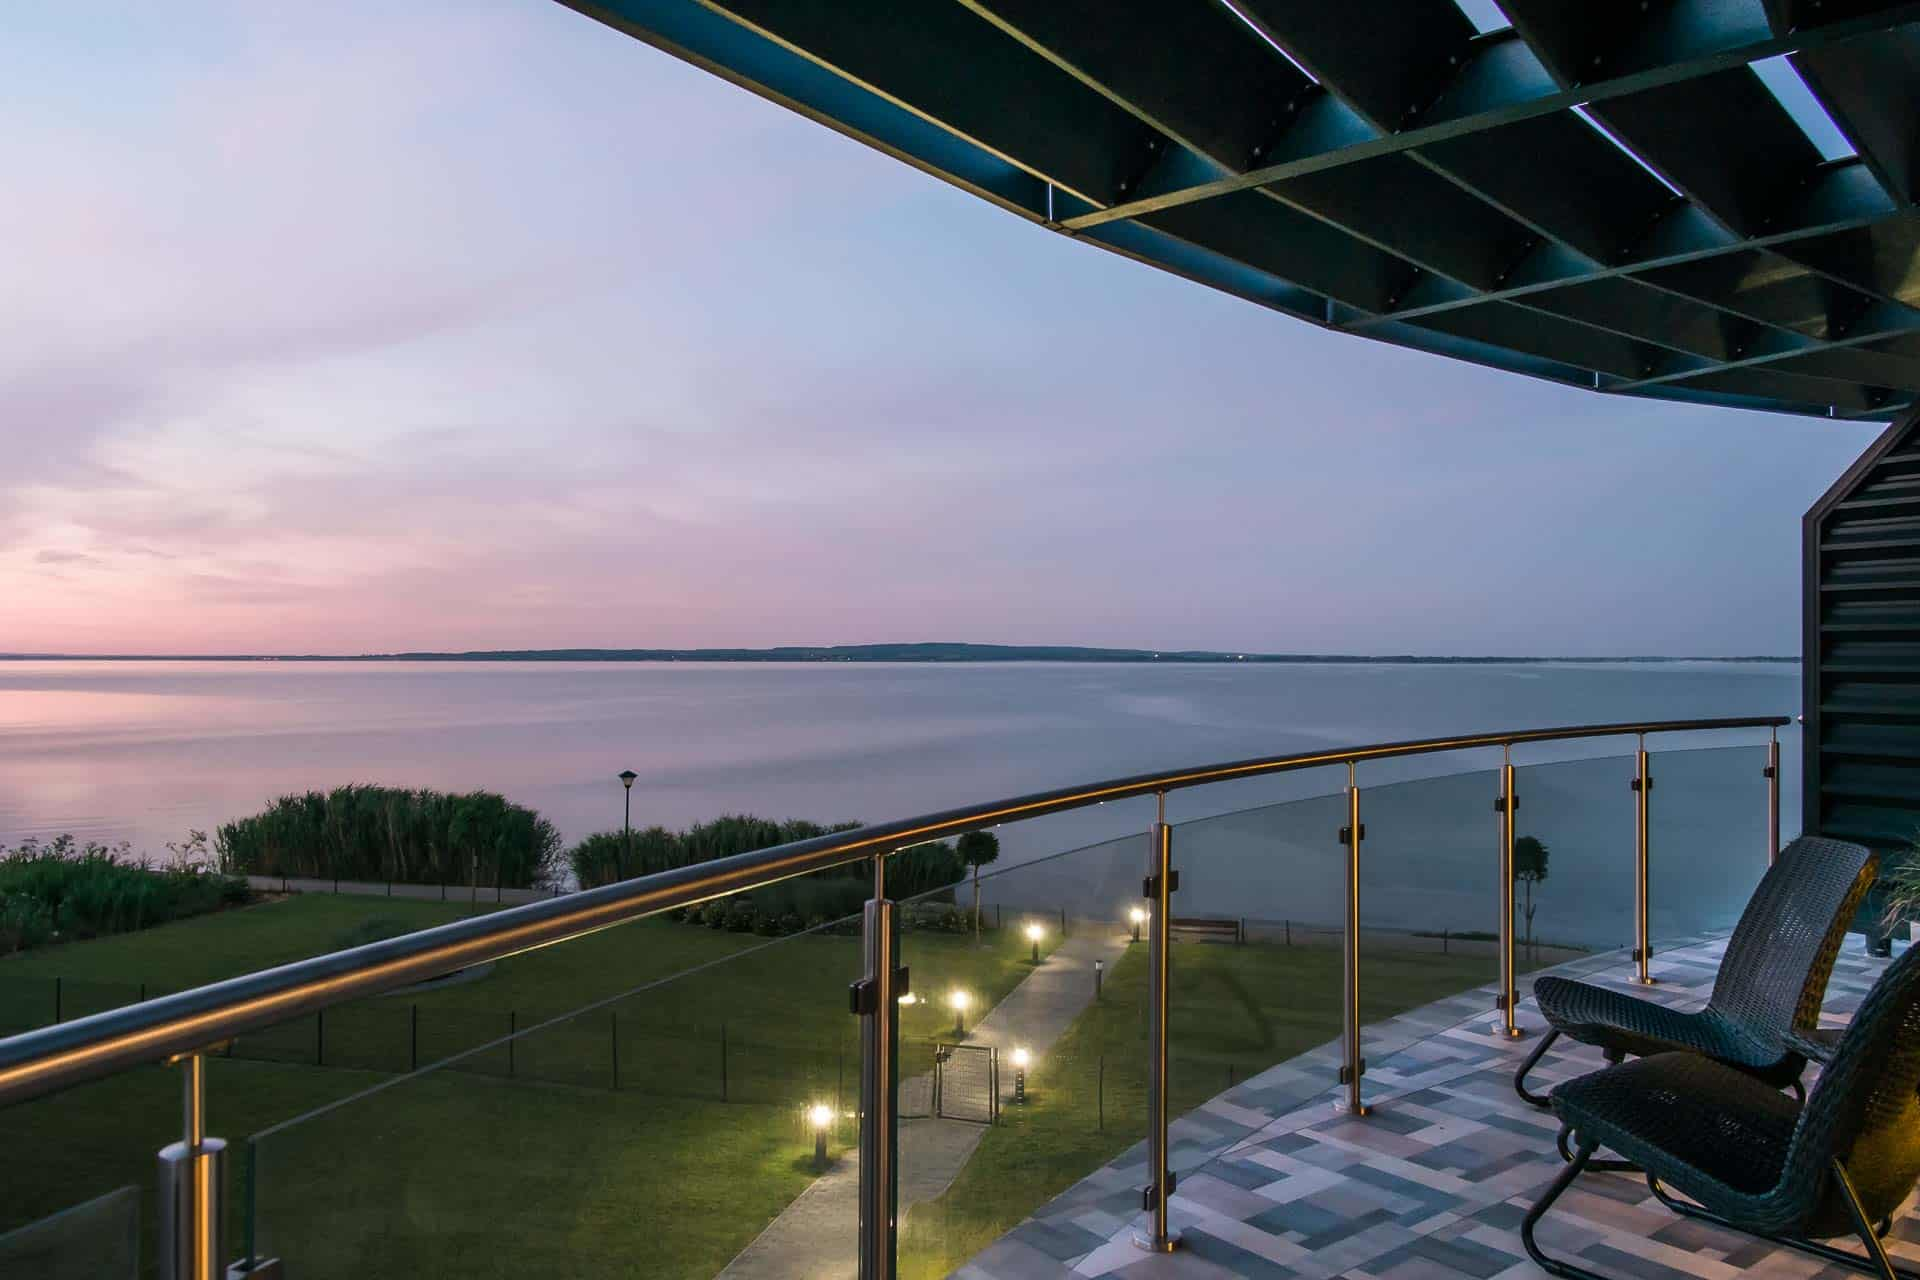 Vízparti balatoni panorámás Apartmanok Keszthely - terasz - hajnali Balaton